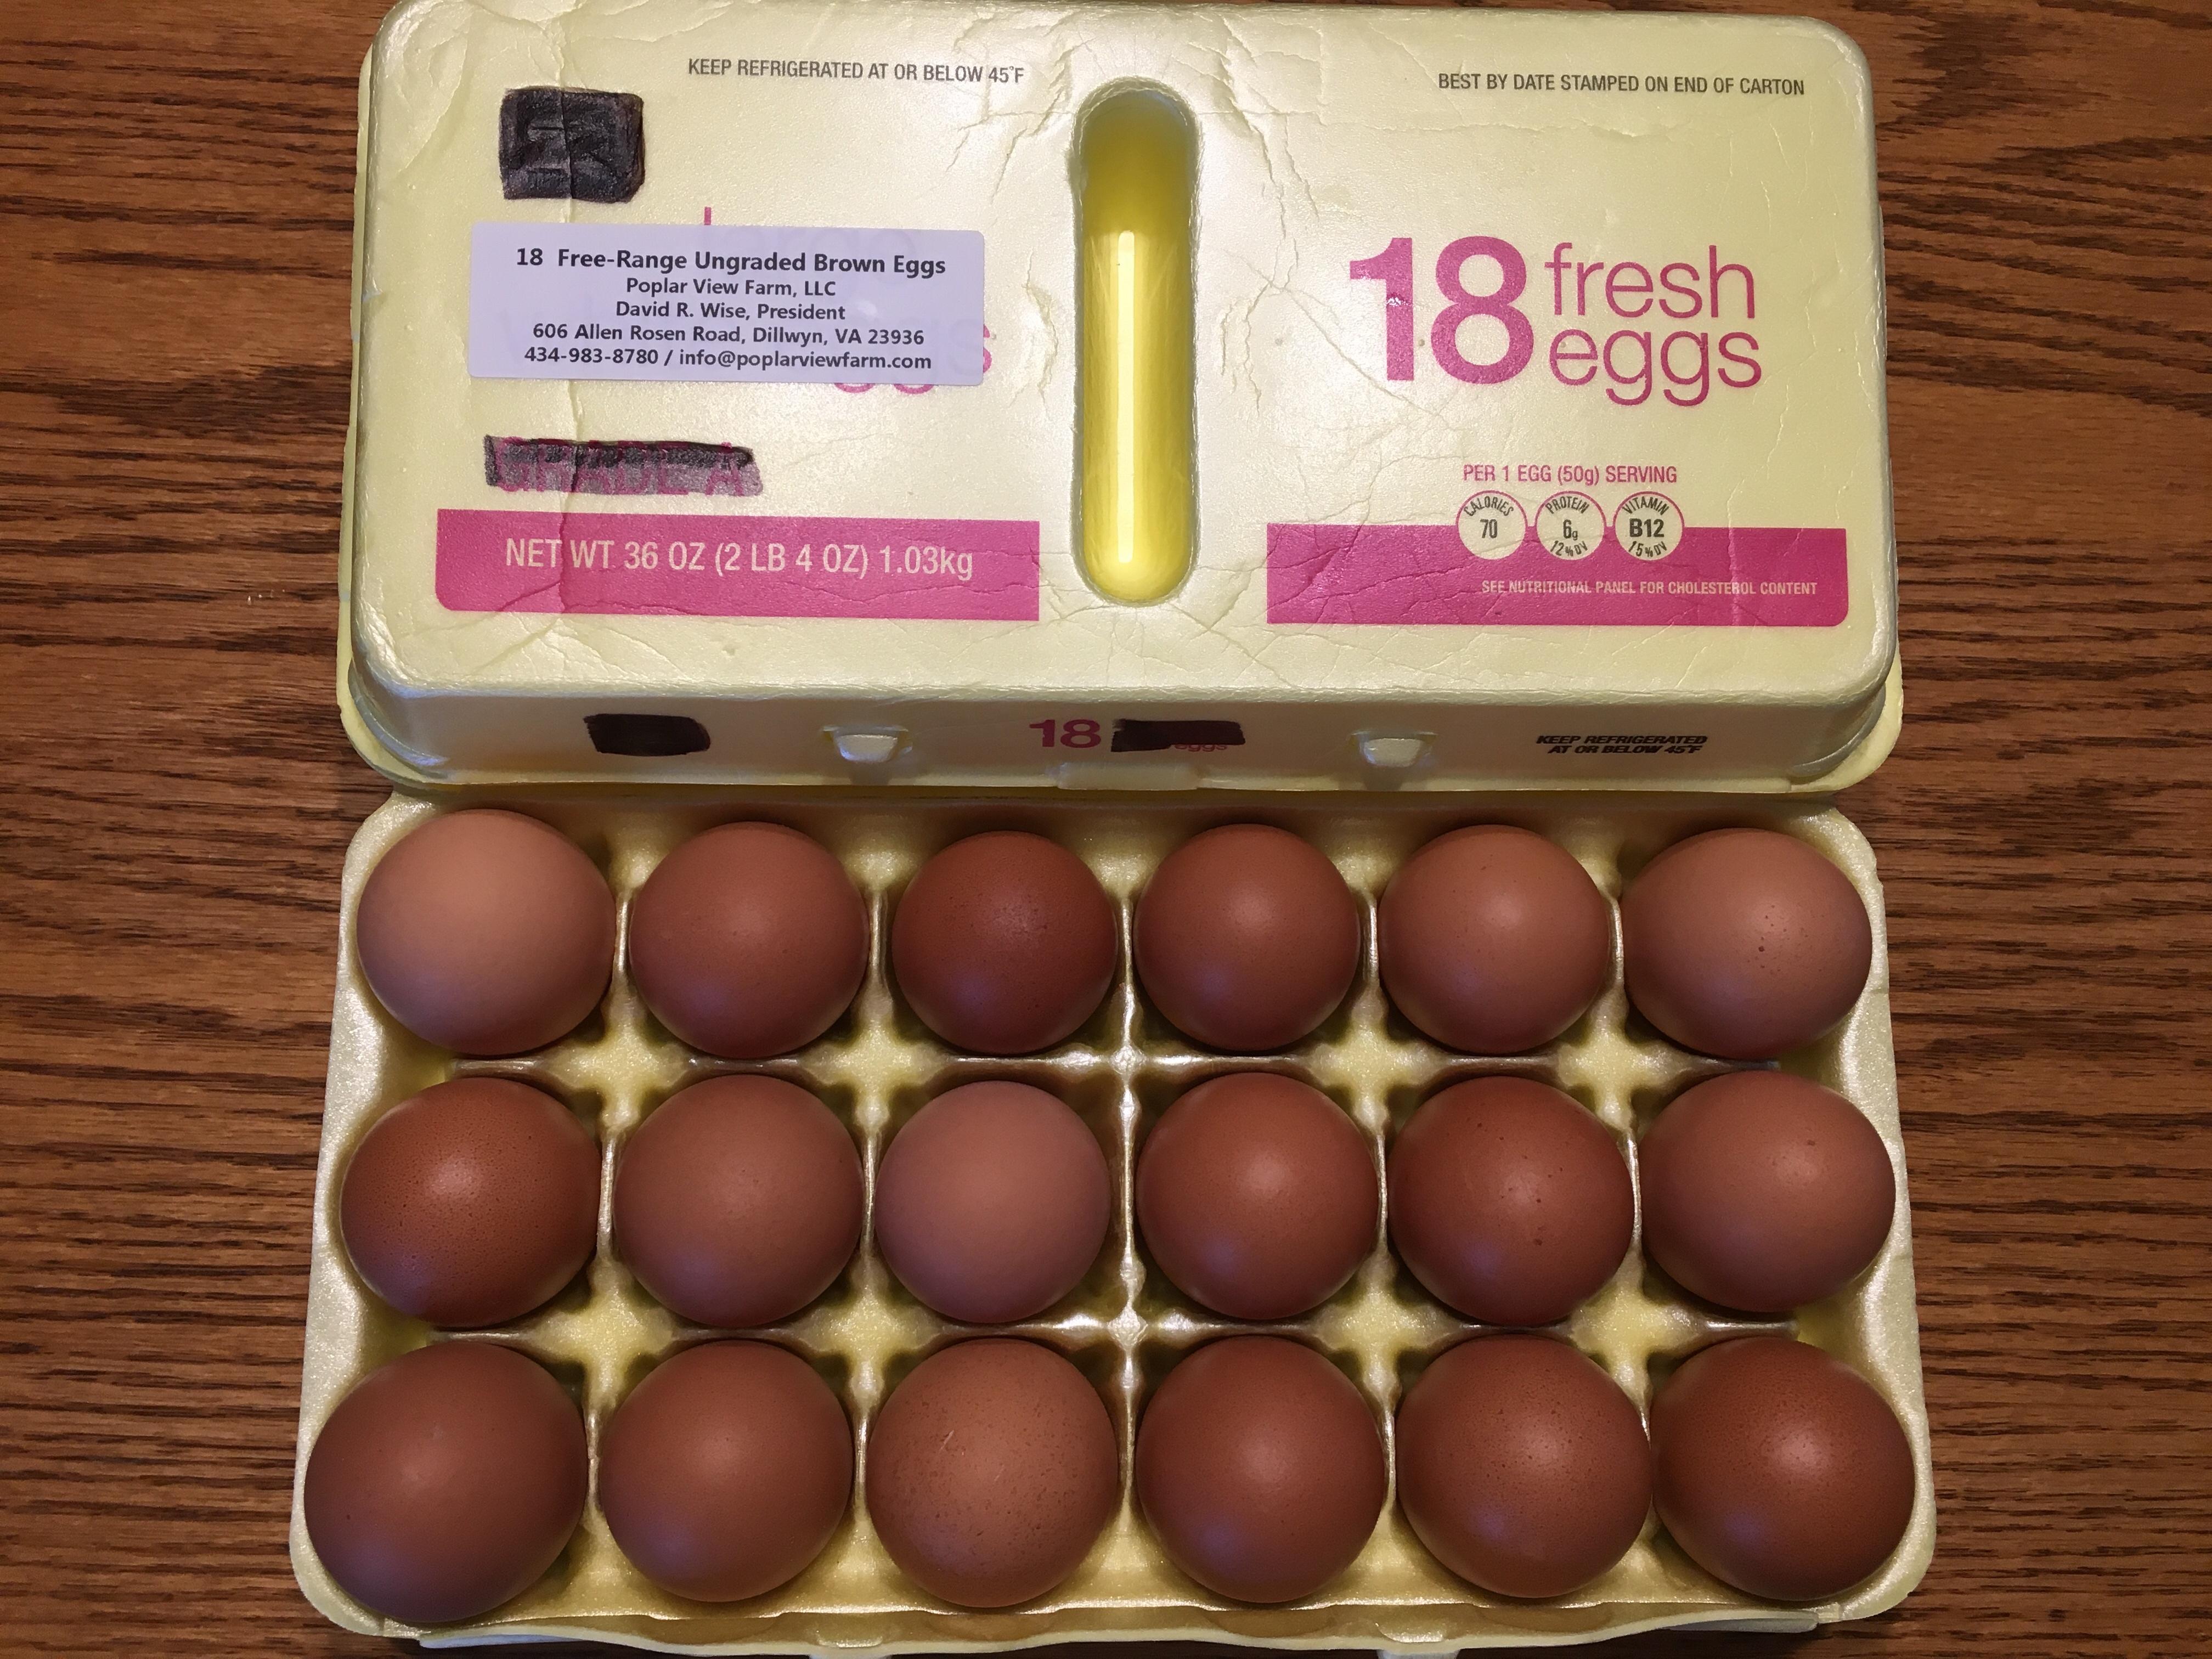 Eggs: 18 Pack